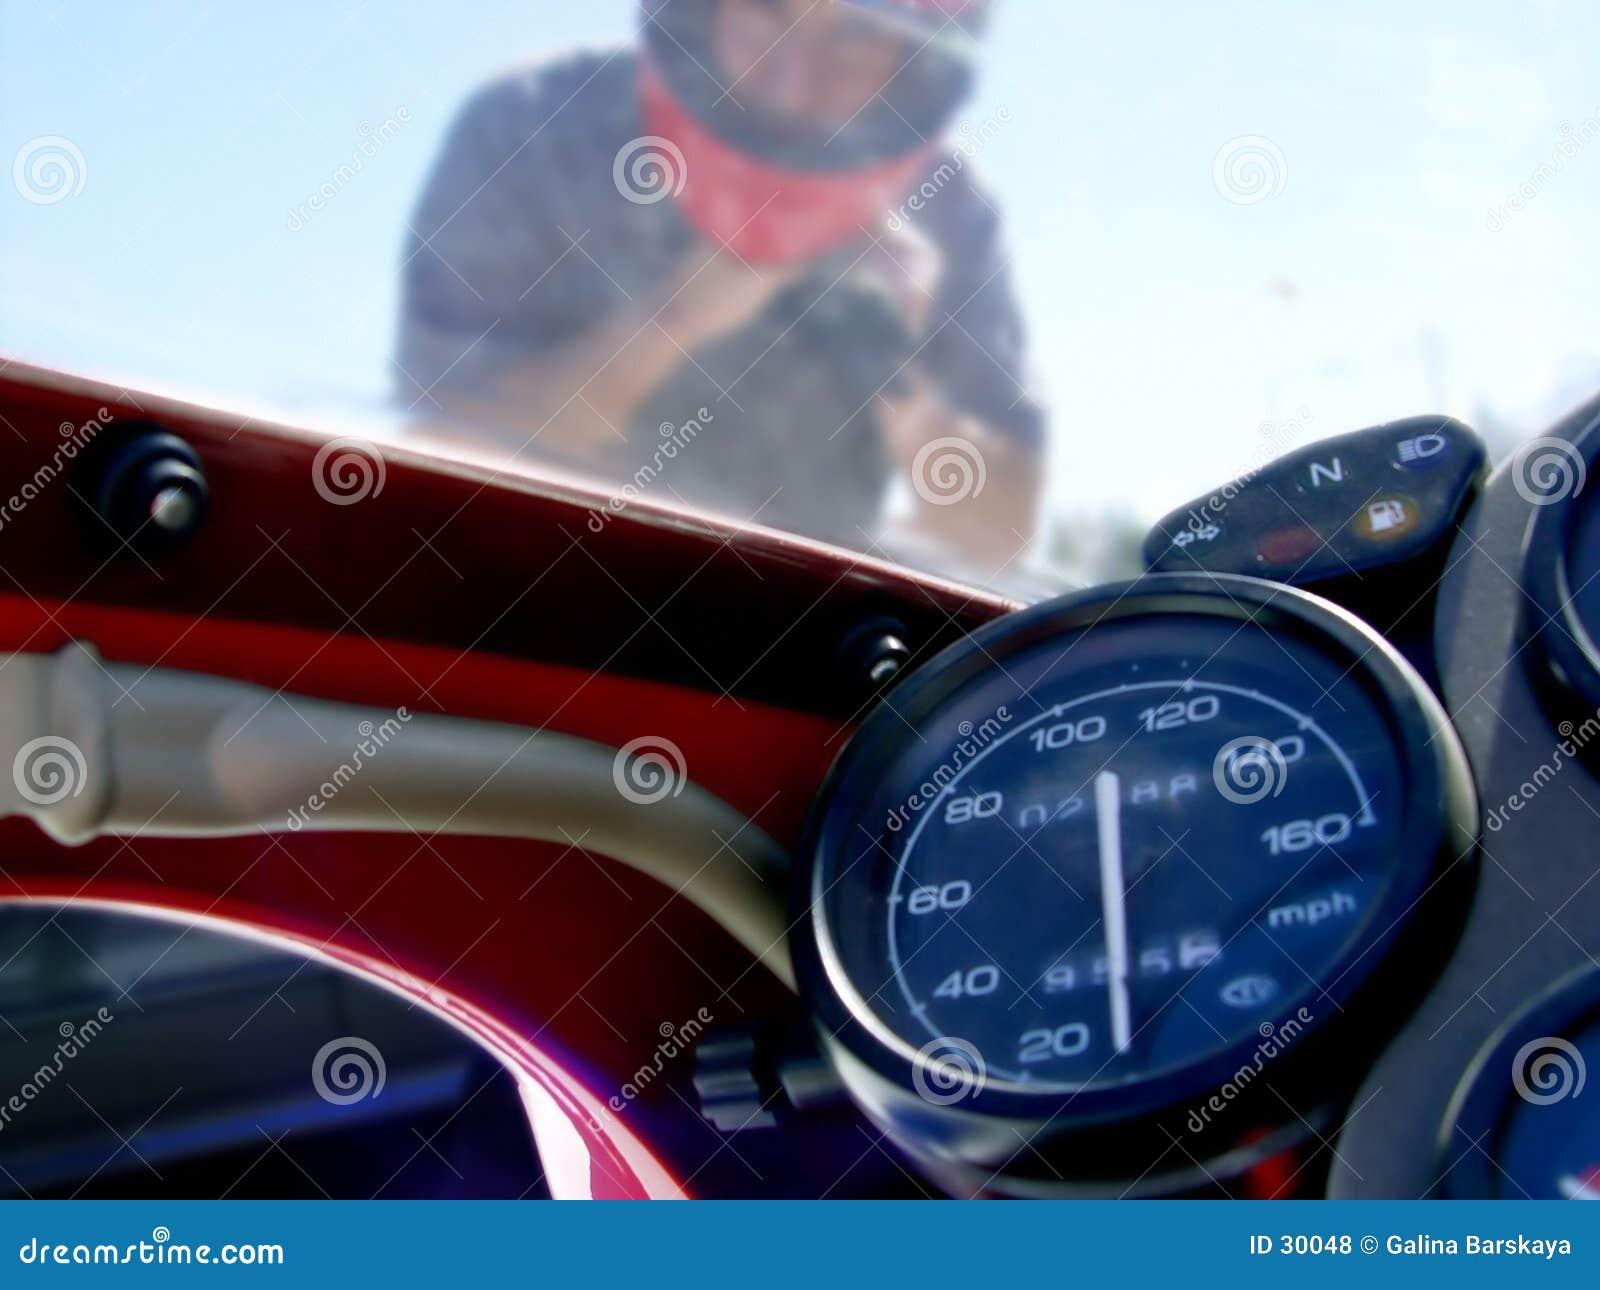 Download Radfahrer 1 stockfoto. Bild von fahrer, gefährlich, motor - 30048